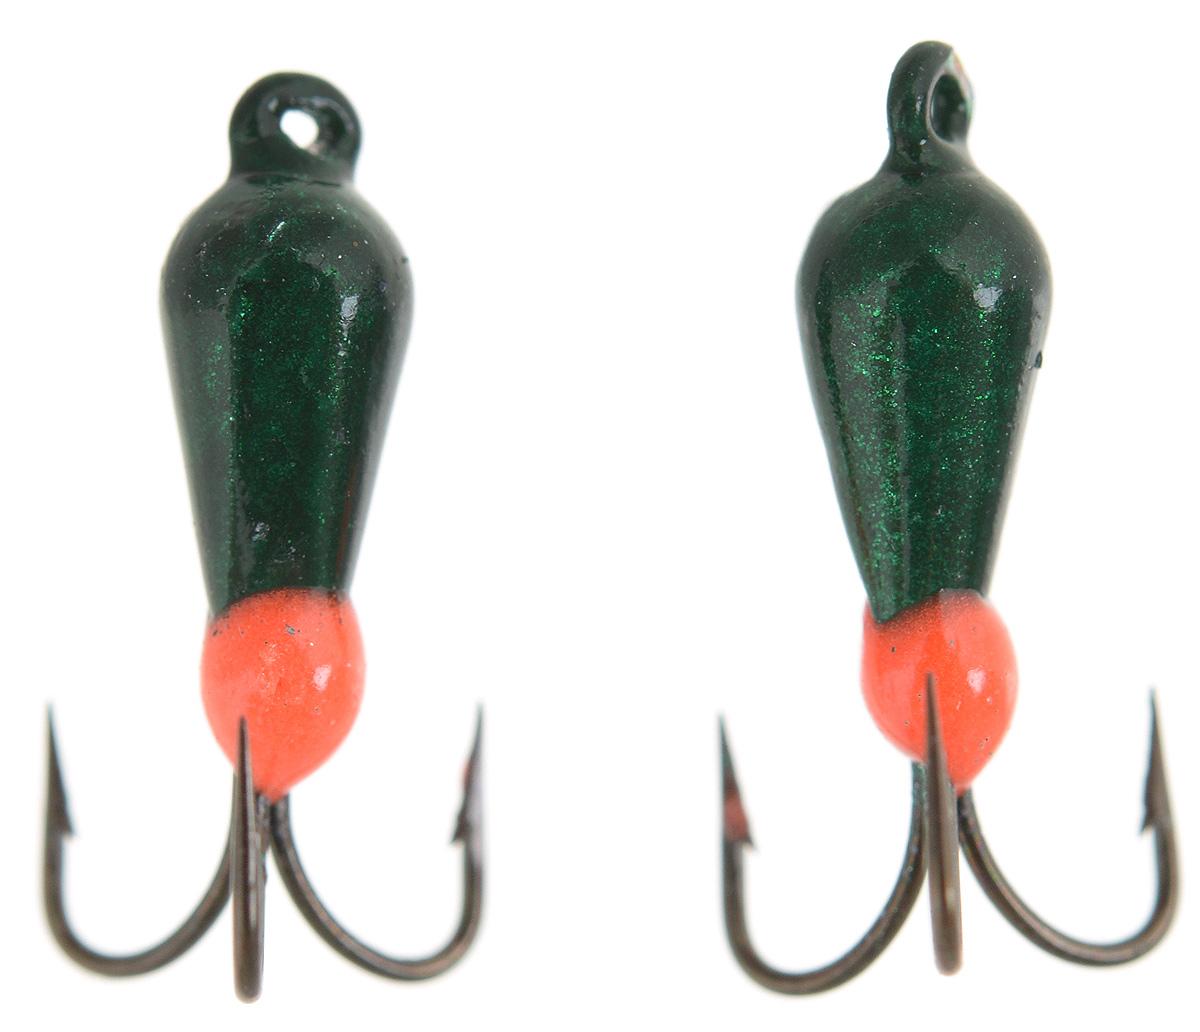 Чертик вольфрамовый Finnex, цвет: темно-зеленый, оранжевый, 0,38 г, 2 штT1GR_темно-зеленый, оранжевыйВольфрамовый чертик Finnex - одна из самых популярных приманок для ловли леща, плотвы и другой белой рыбы. Особенно хорошо работает приманка на всевозможных водохранилищах. Не пропустит ее и другая рыба, в том числе окунь, судак и щука.